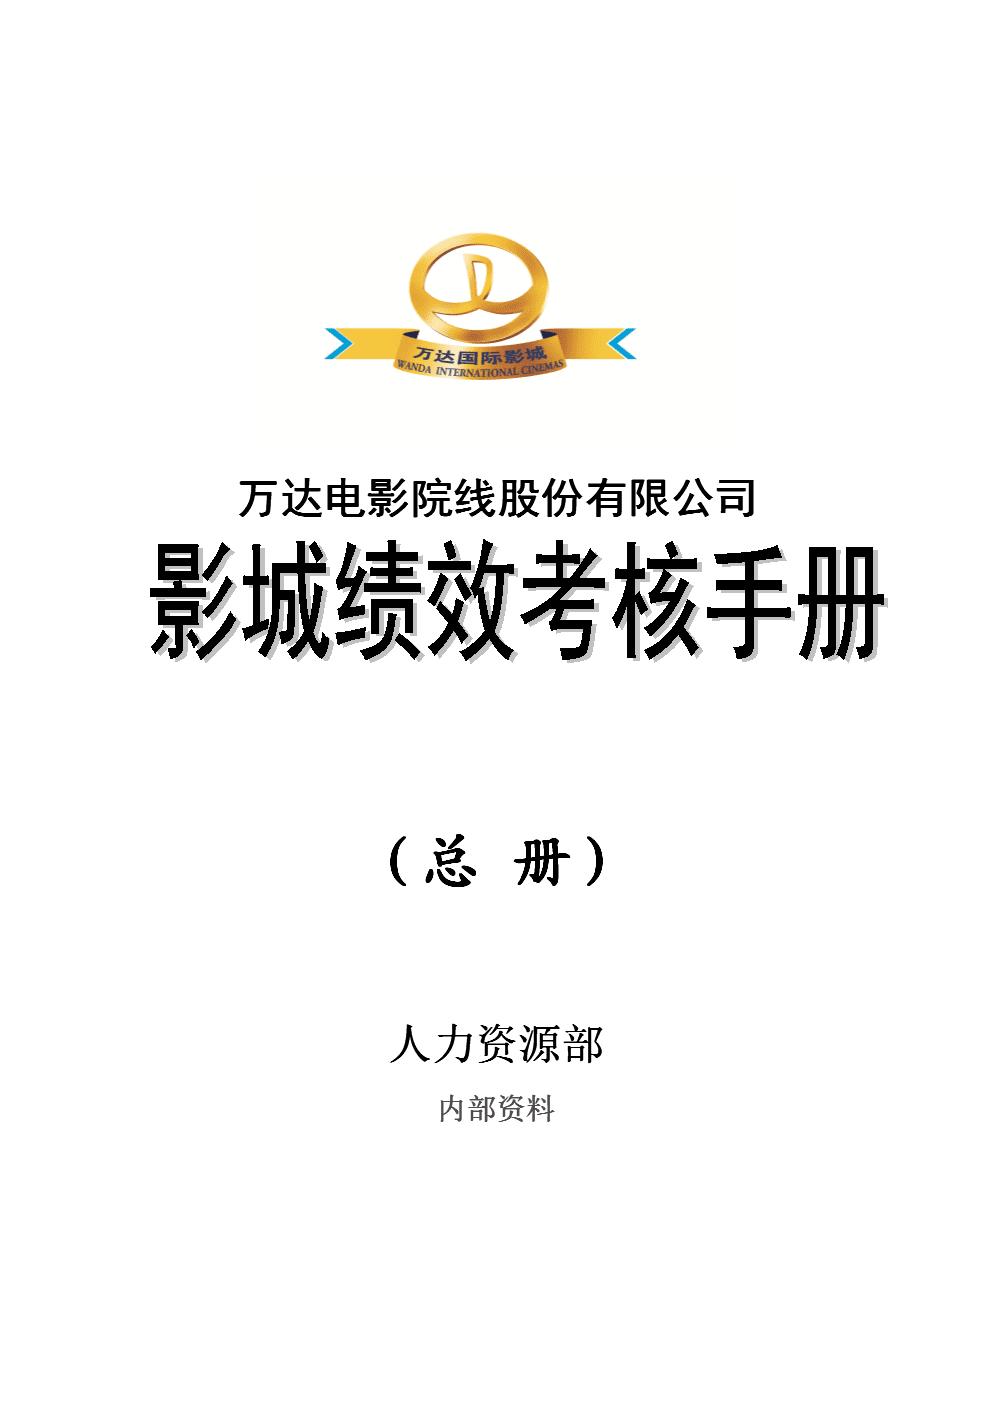 万达广场商业管理资料之-万达电影院线股份有限公司影城绩效考核手册1.doc